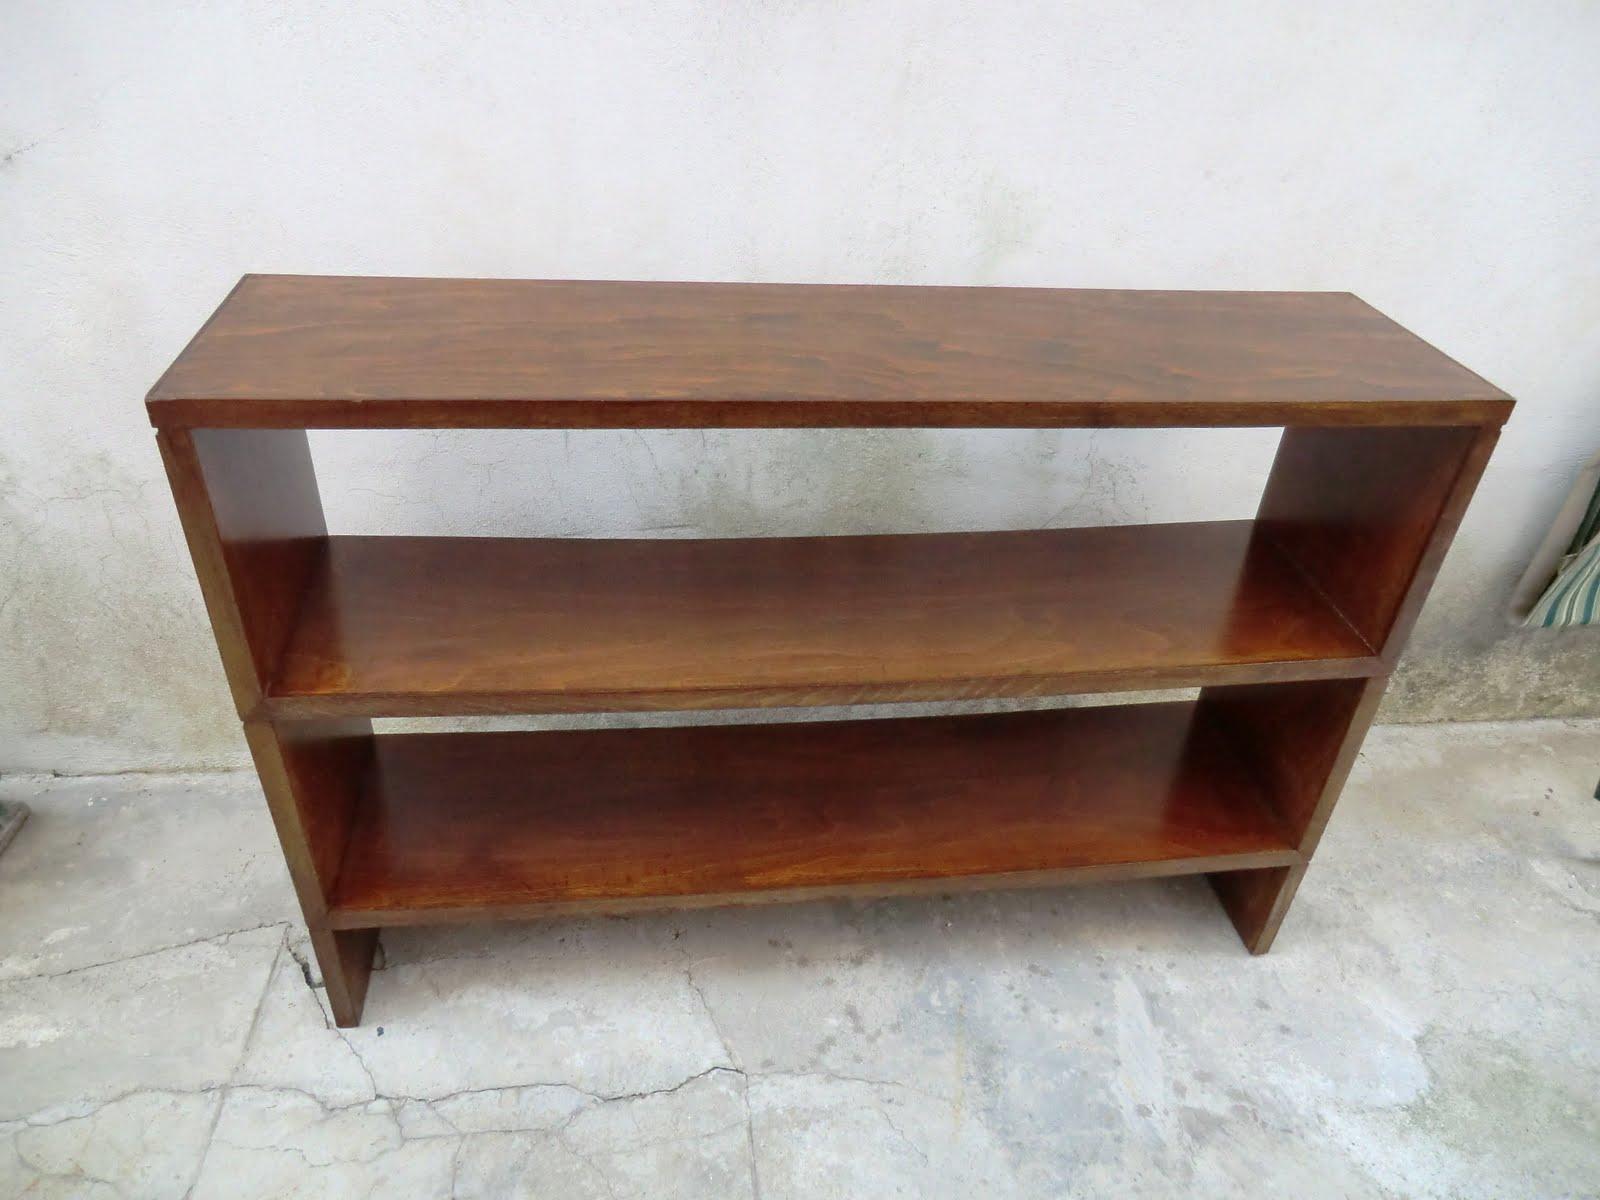 Le creazioni di sabry restauro mobili vecchi e non - Mobili vecchi gratis ...